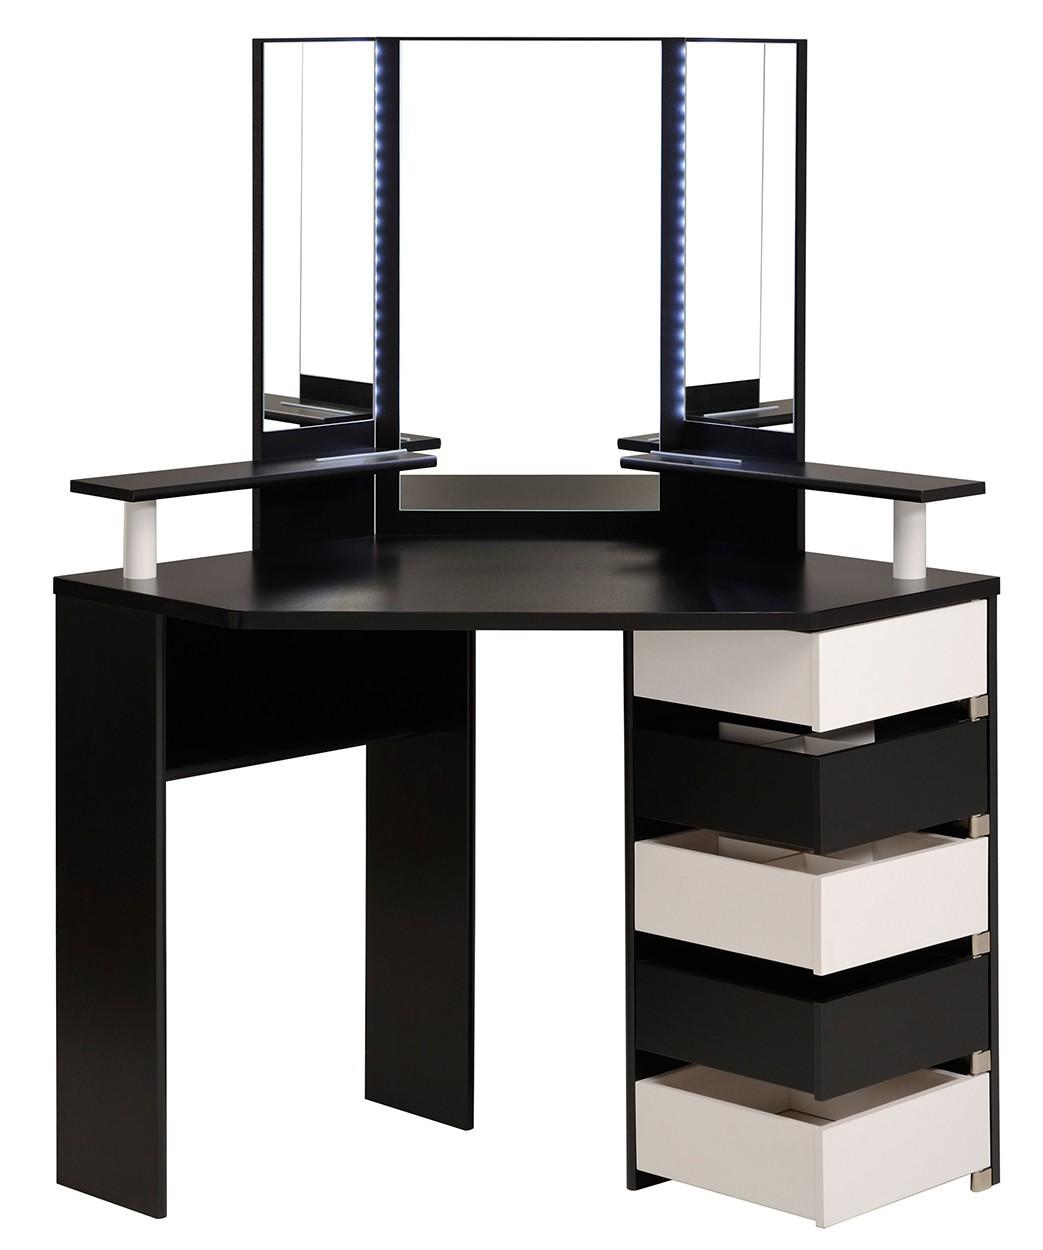 Eck-Schminktisch Volage Parisot schwarz / weiß inklusive LED Beleuchtung